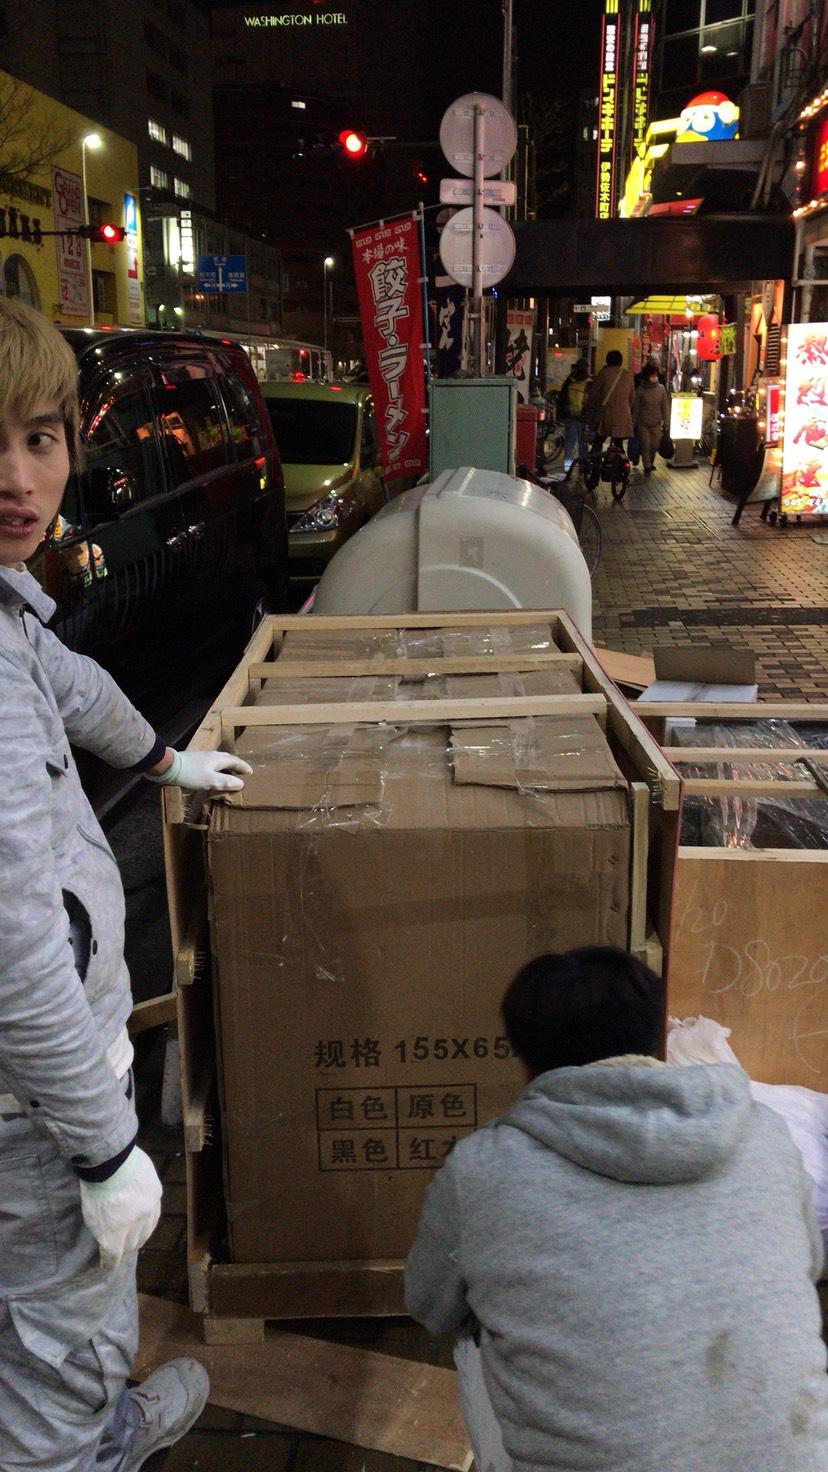 历经3个月在国内定制的鱼缸终于到了 北京观赏鱼 北京龙鱼第2张